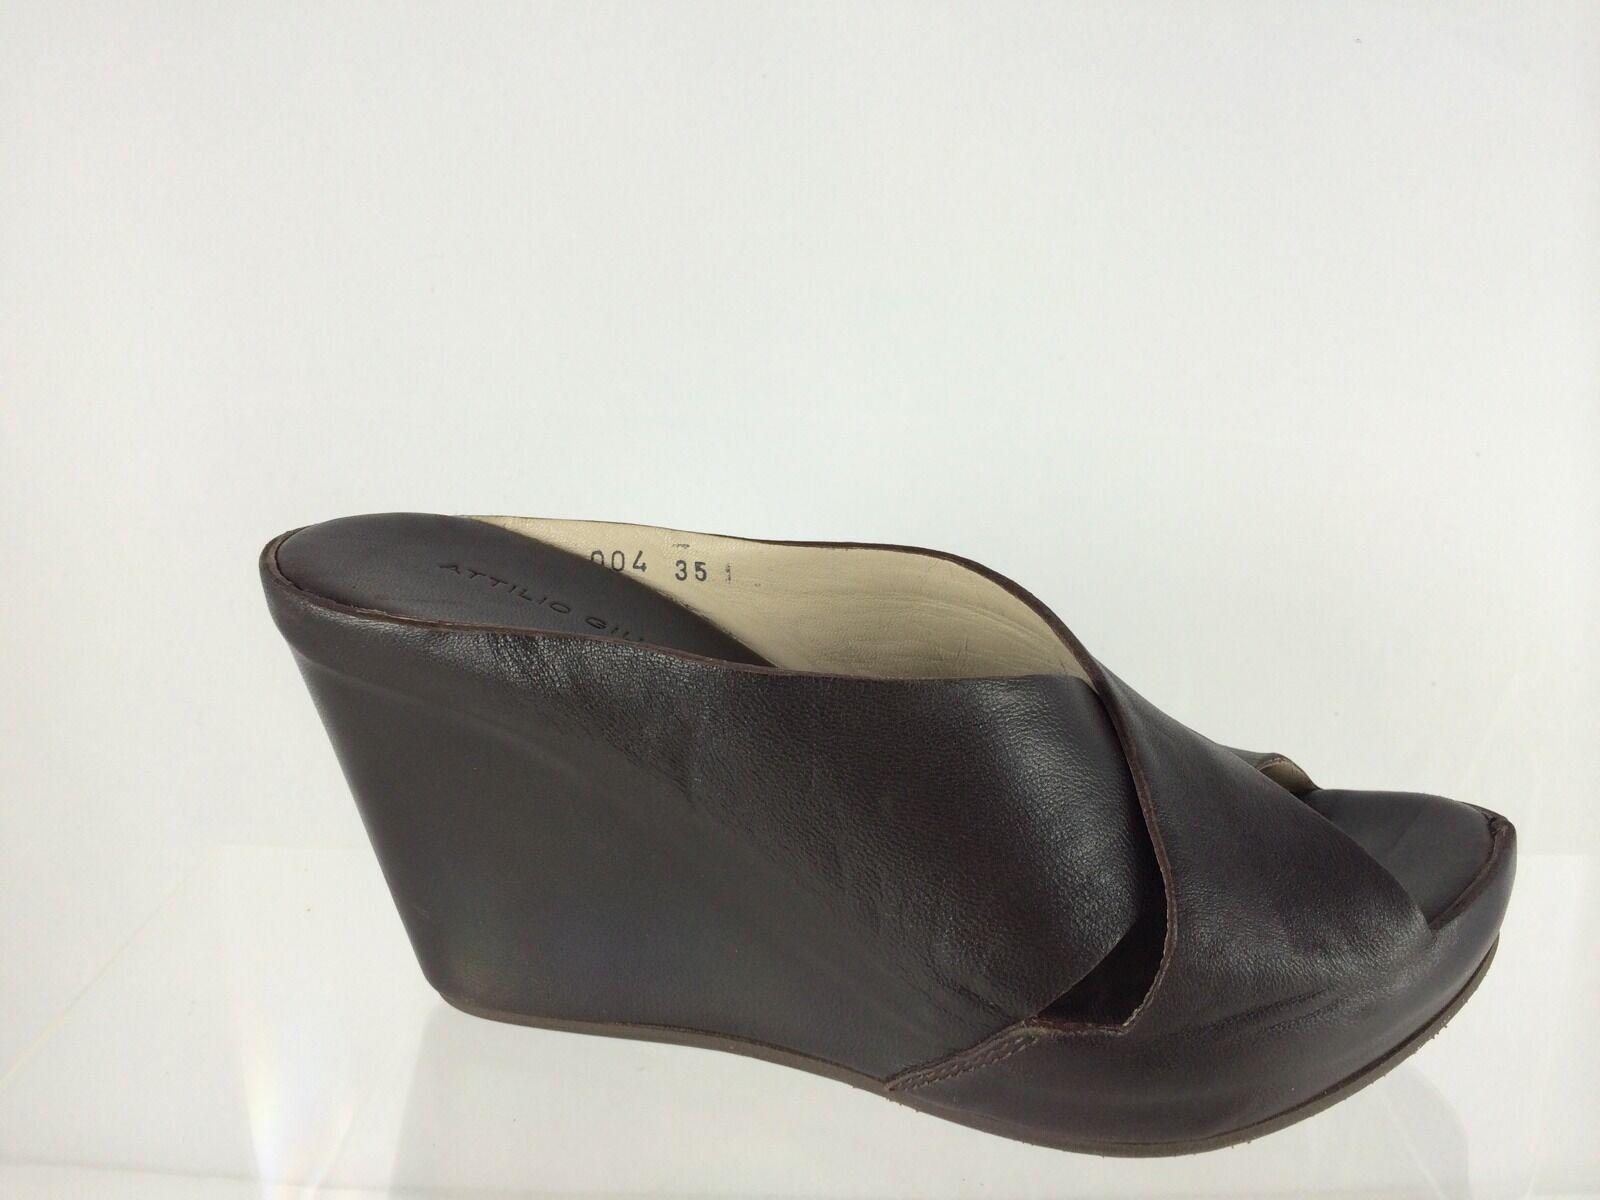 Attilio Giusti Leombruni Womens Dark Brown Leather Wedge Sandals 35